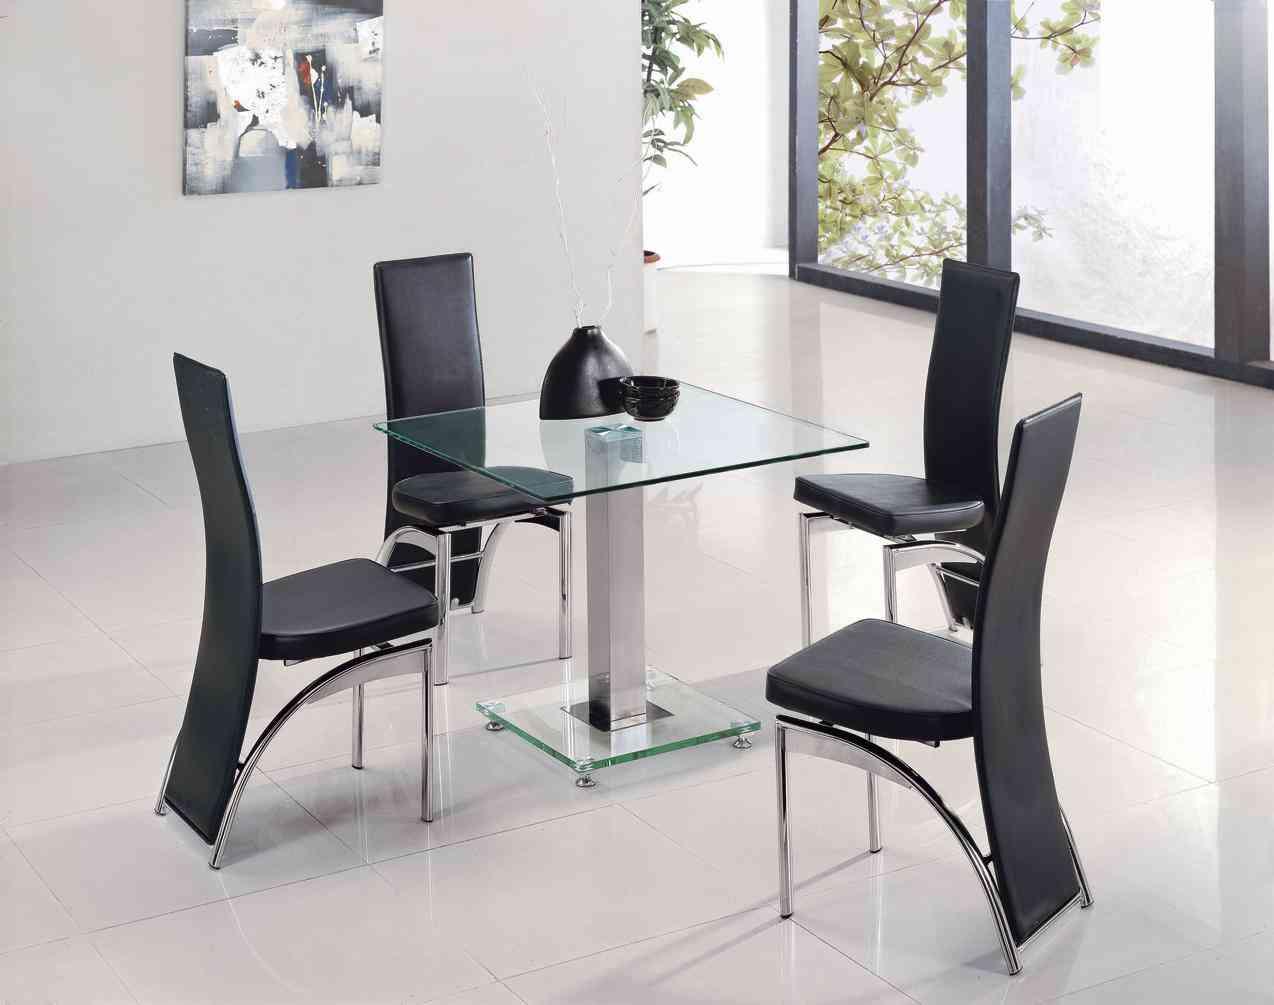 moderne klassiker-glas-køkken-tabeller